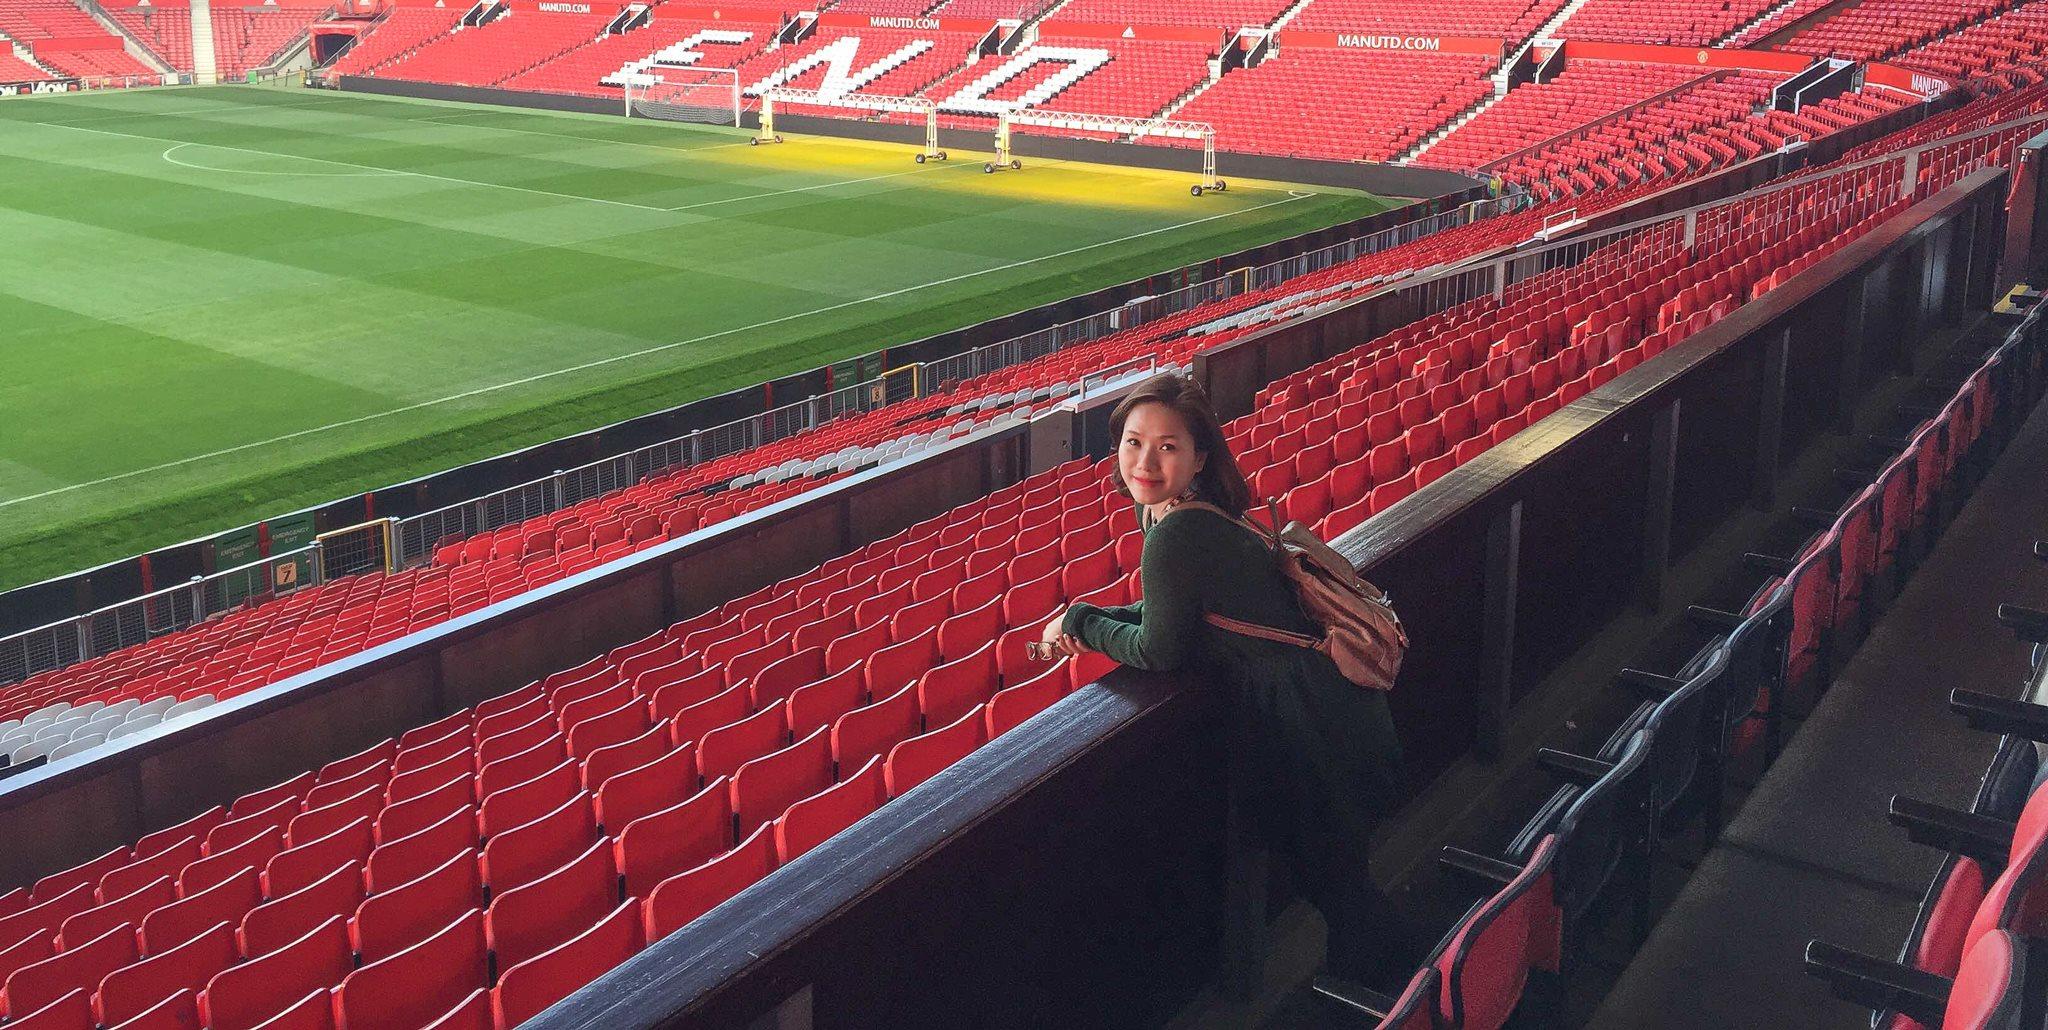 'Nữ thần' nhạc Việt thế hệ 8x, 9x bất ngờ đặt chân tới Anfield - Bóng Đá